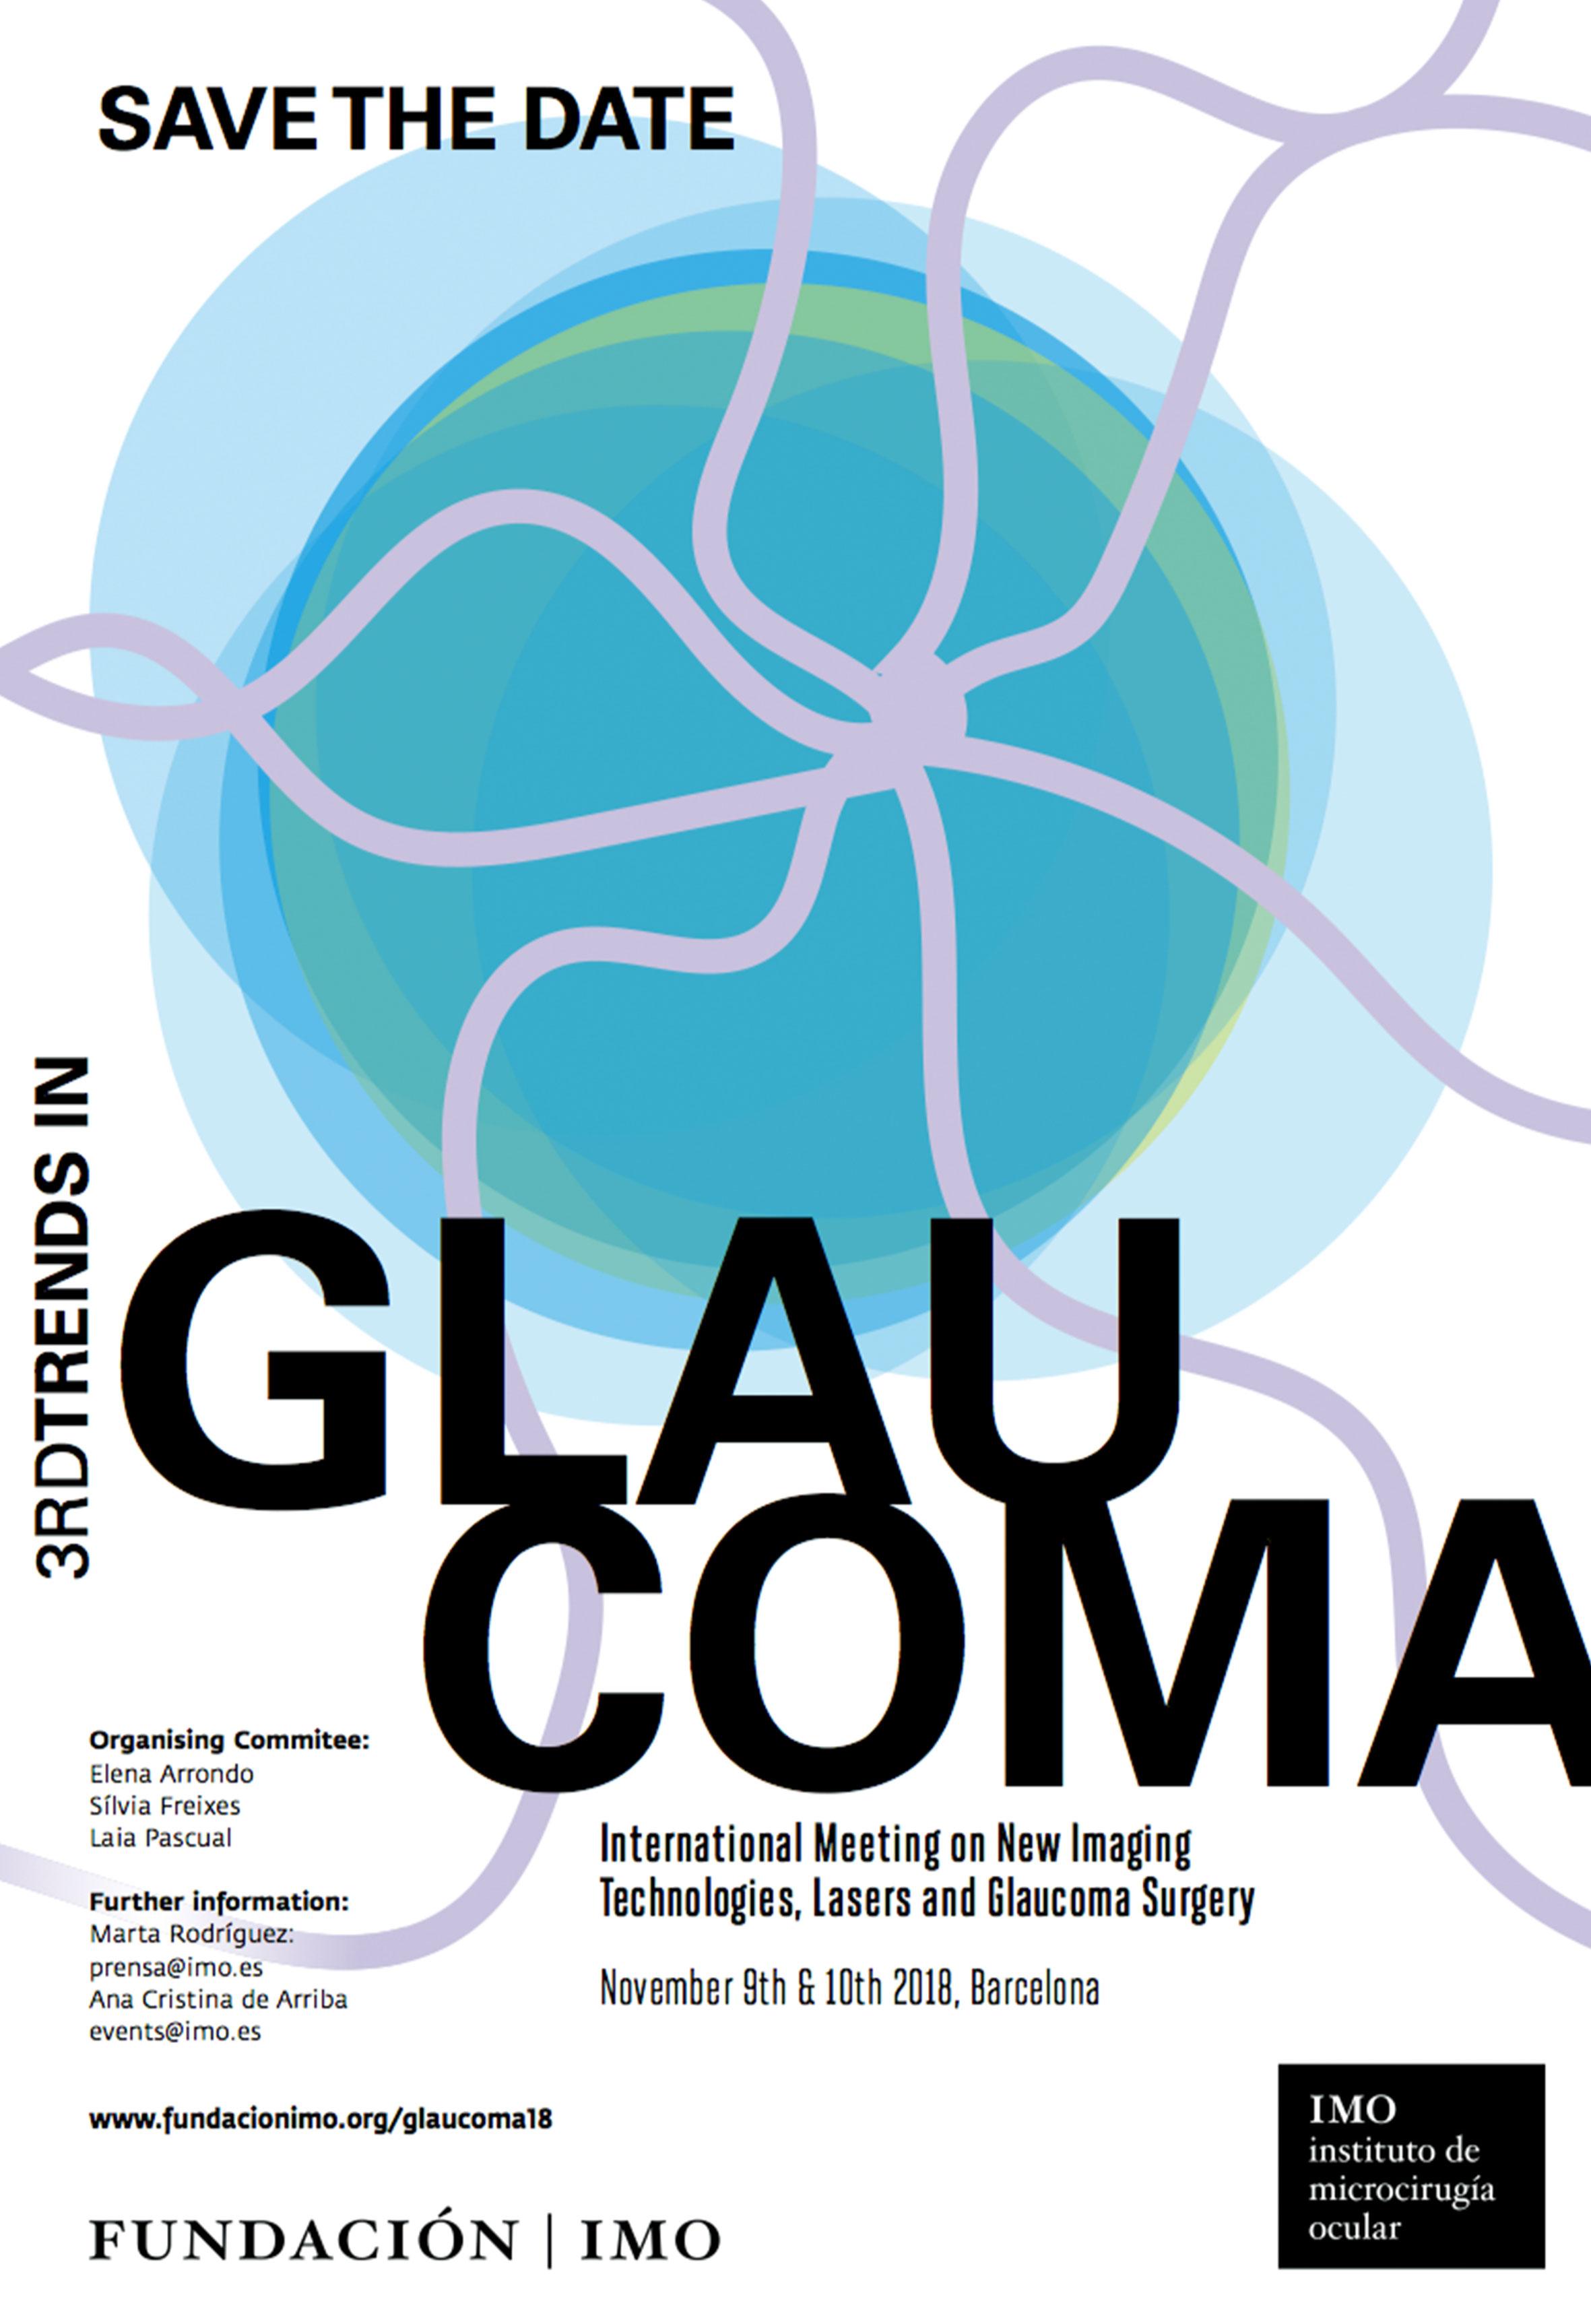 III Edición del Trends in Glaucoma